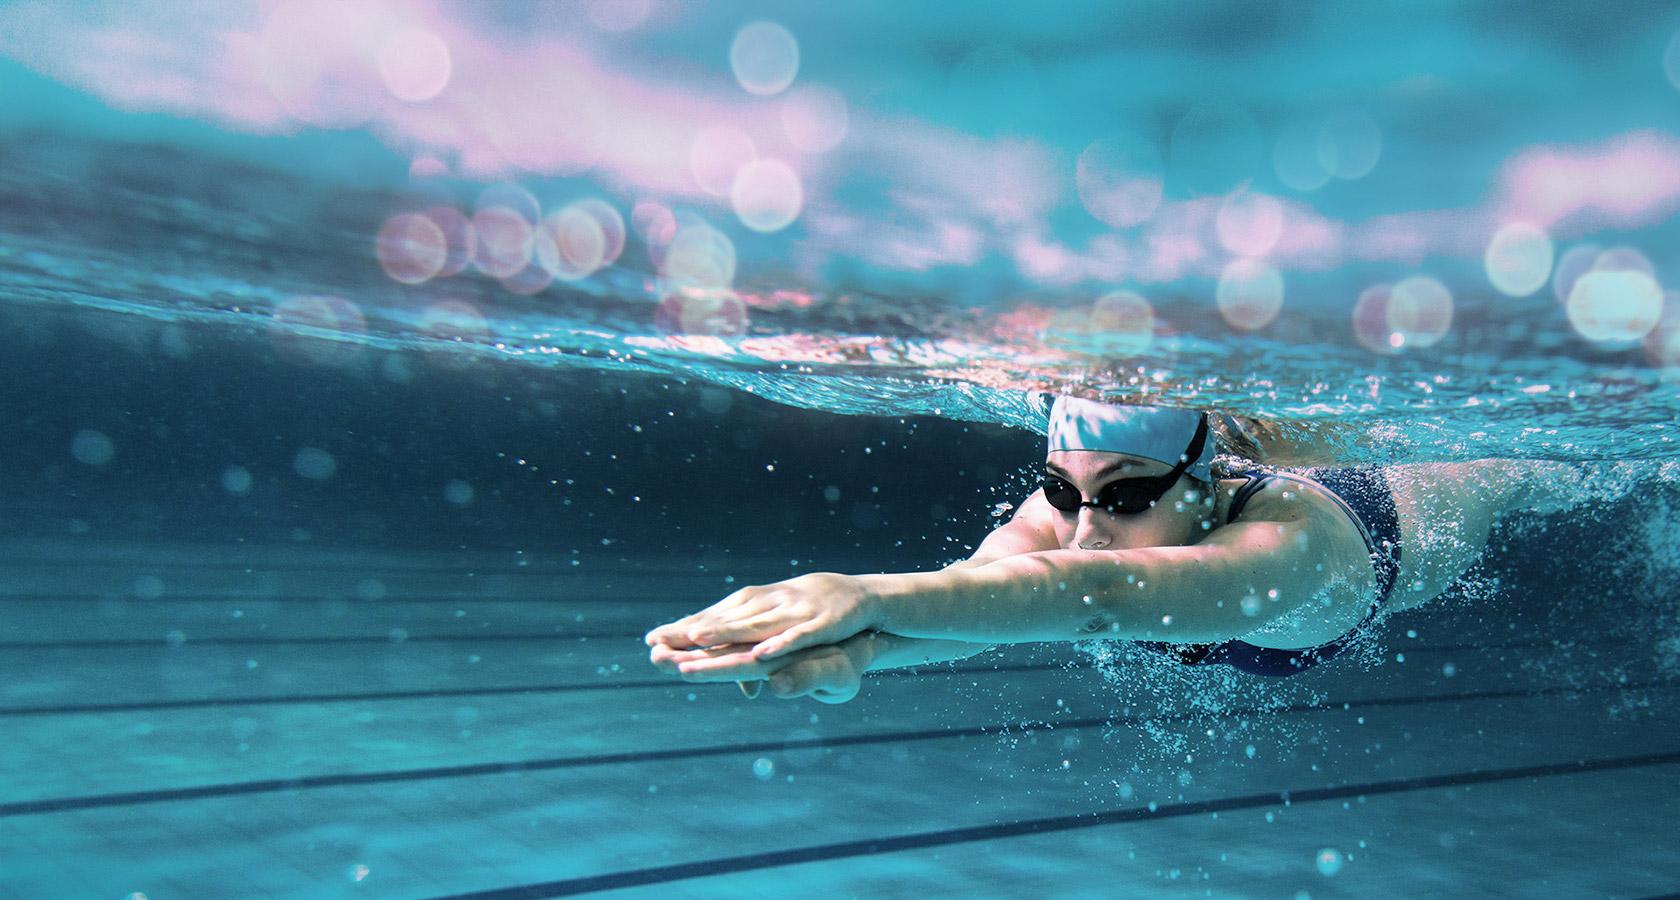 Underwatershot Of Swimmer In A Pool Underwatershot ...